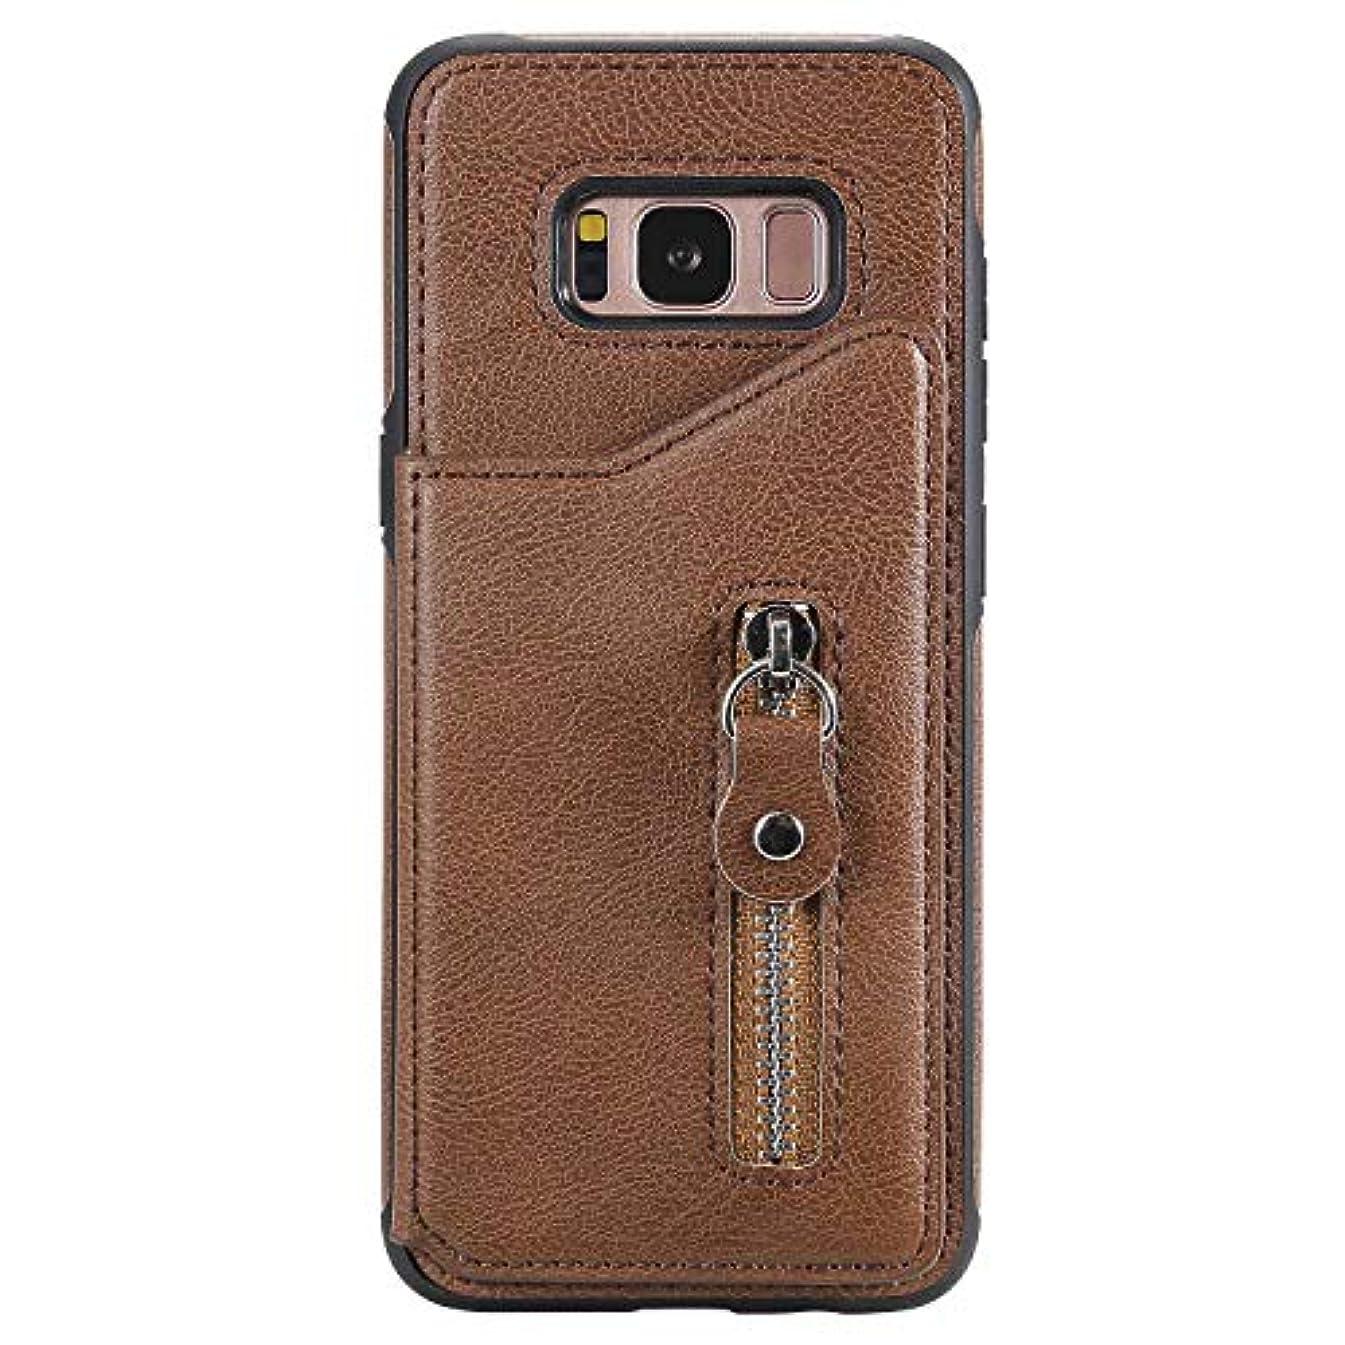 発表する普遍的な静めるOMATENTI Galaxy S8 ケース, PUレザー 薄型 簡約風 人気 新品 バックケース Galaxy S8 用 Case Cover, 財布とコインポケット付き, 液晶保護 カード収納, 褐色